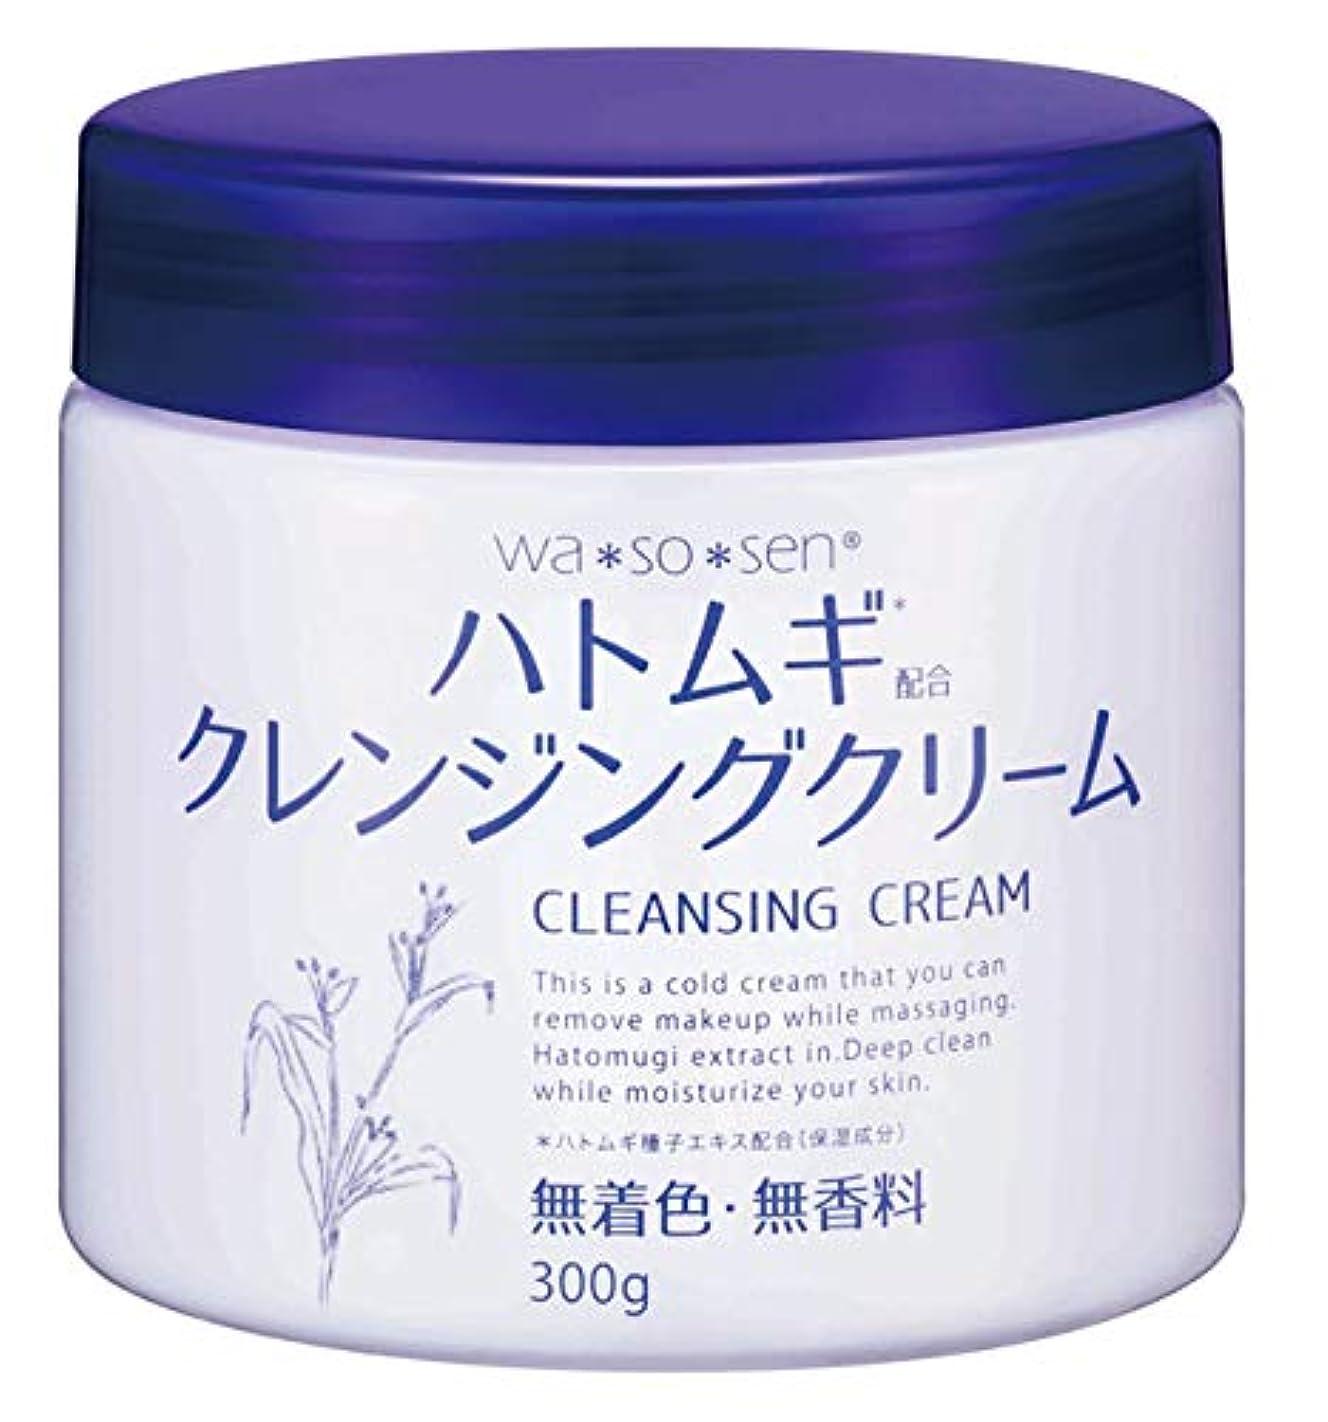 乳製品のスコアまあwa*so*sen(ワソウセン) wasosen ハトムギクレンジングクリーム 300g